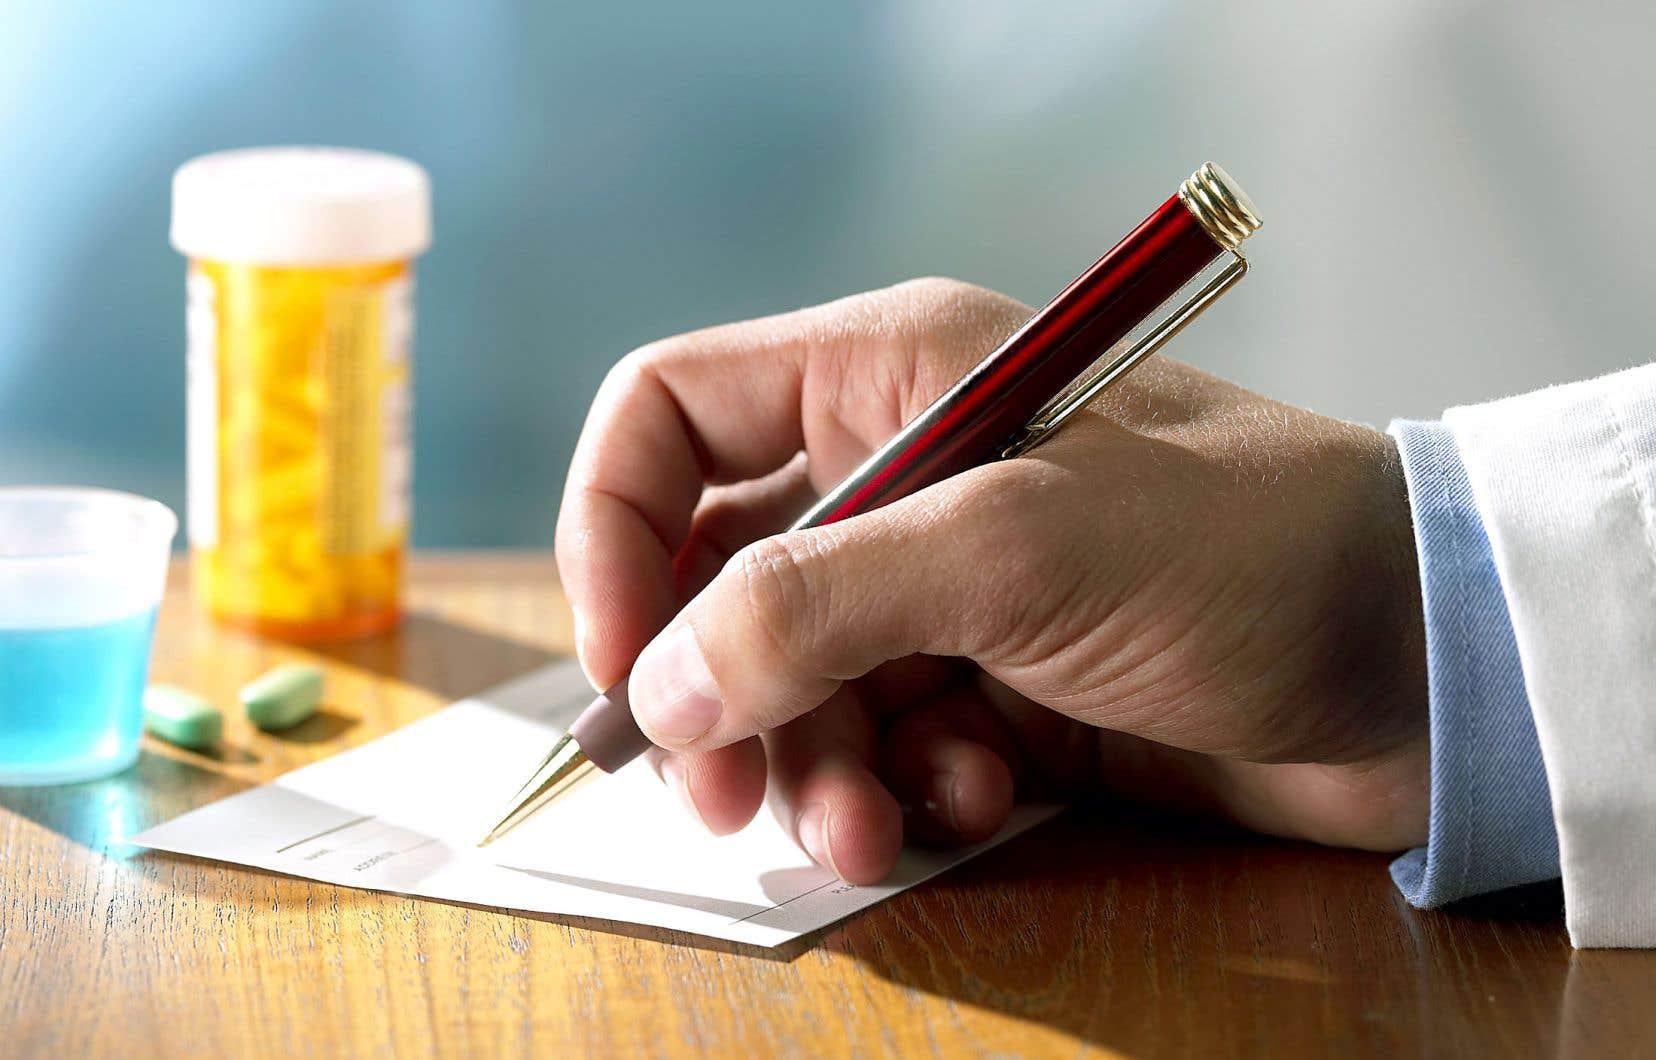 Le Canada est le seul pays développé au monde muni d'un système de santé universel, mais dépourvu d'un régime d'assurance médicaments public.